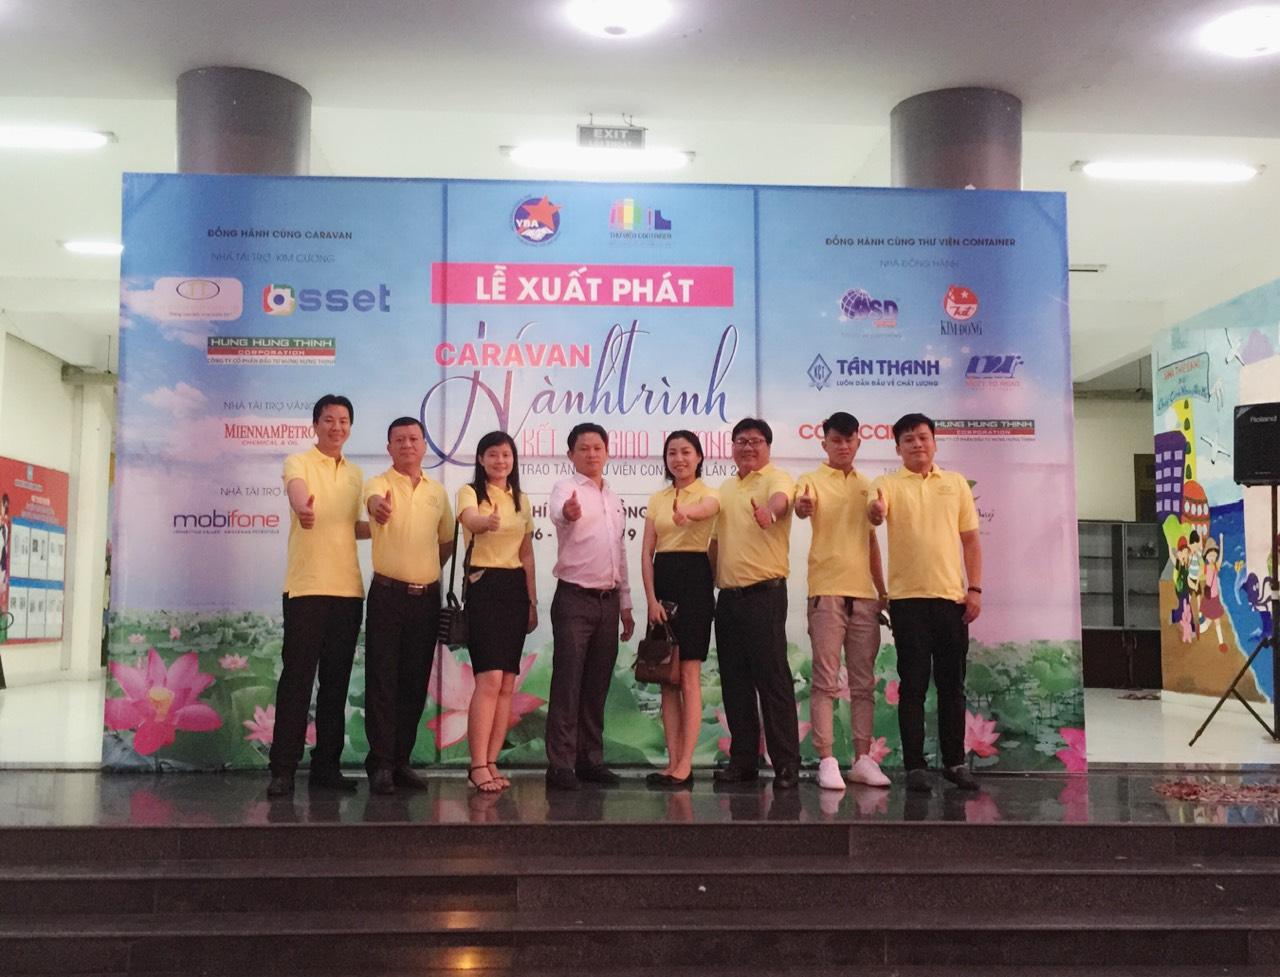 Caravan Tp.HCM – Đồng Tháp, kết nối yêu thương